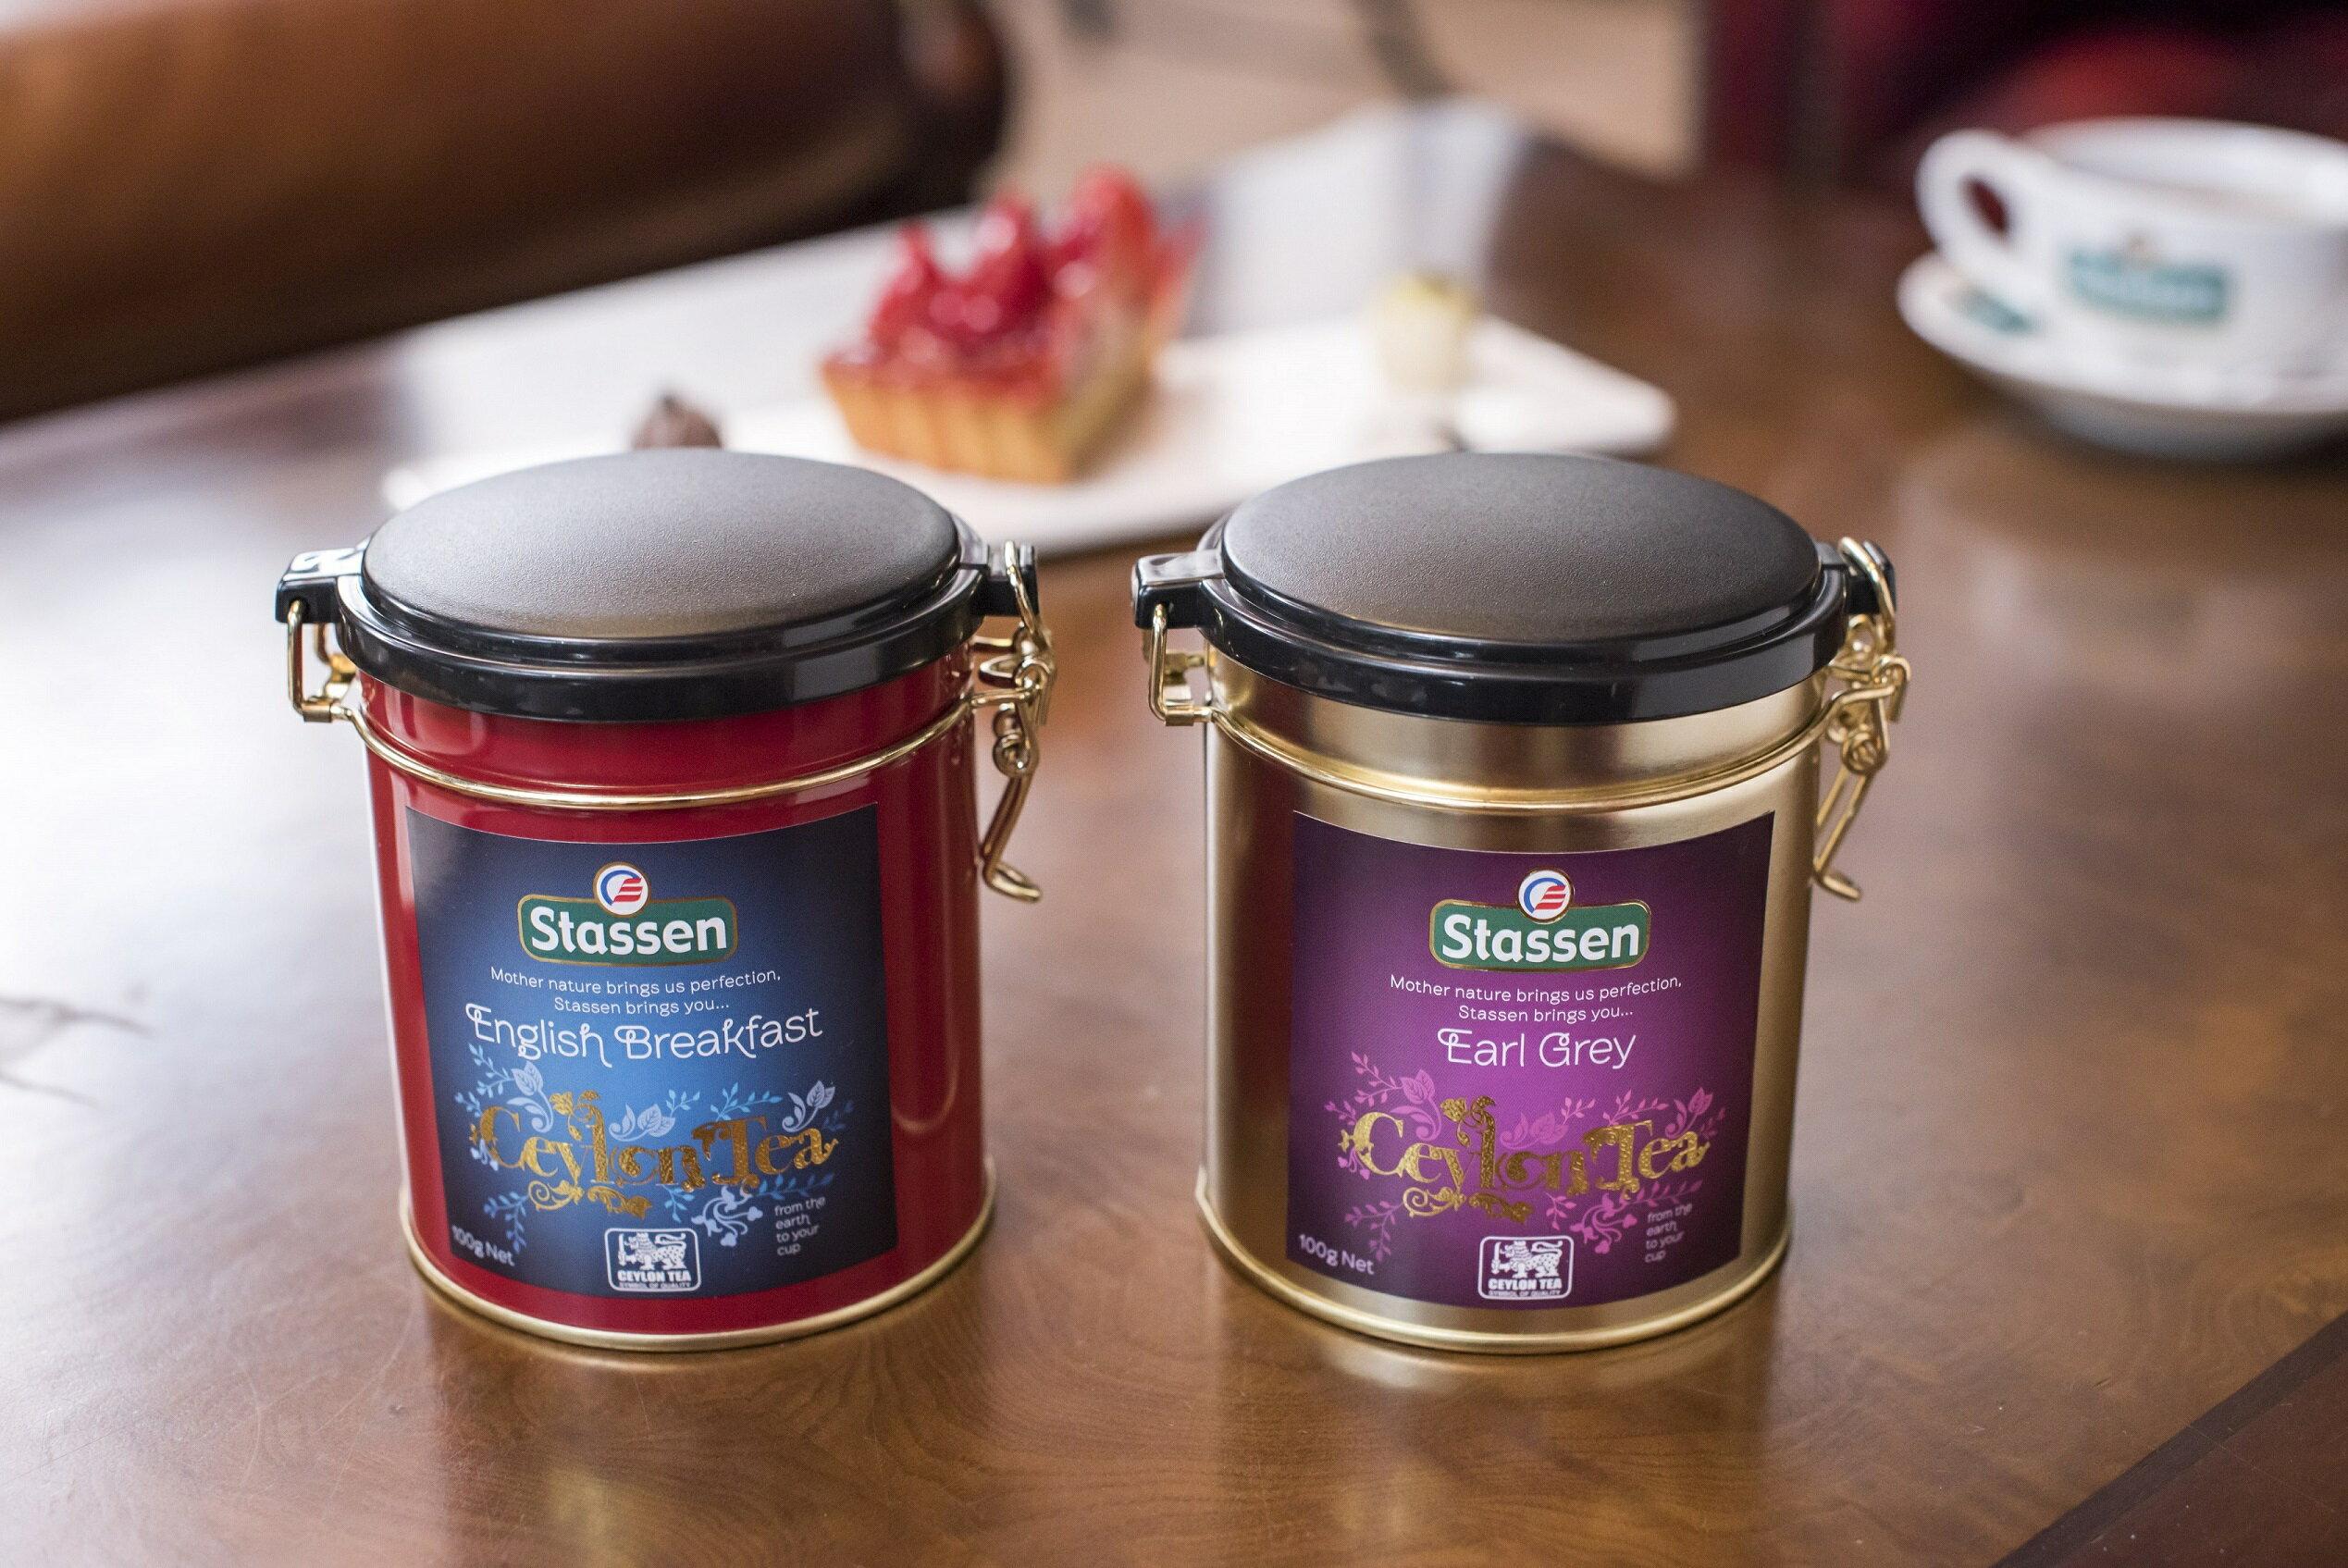 Stassen 司迪生★皇家伯爵茶★【1罐】 1